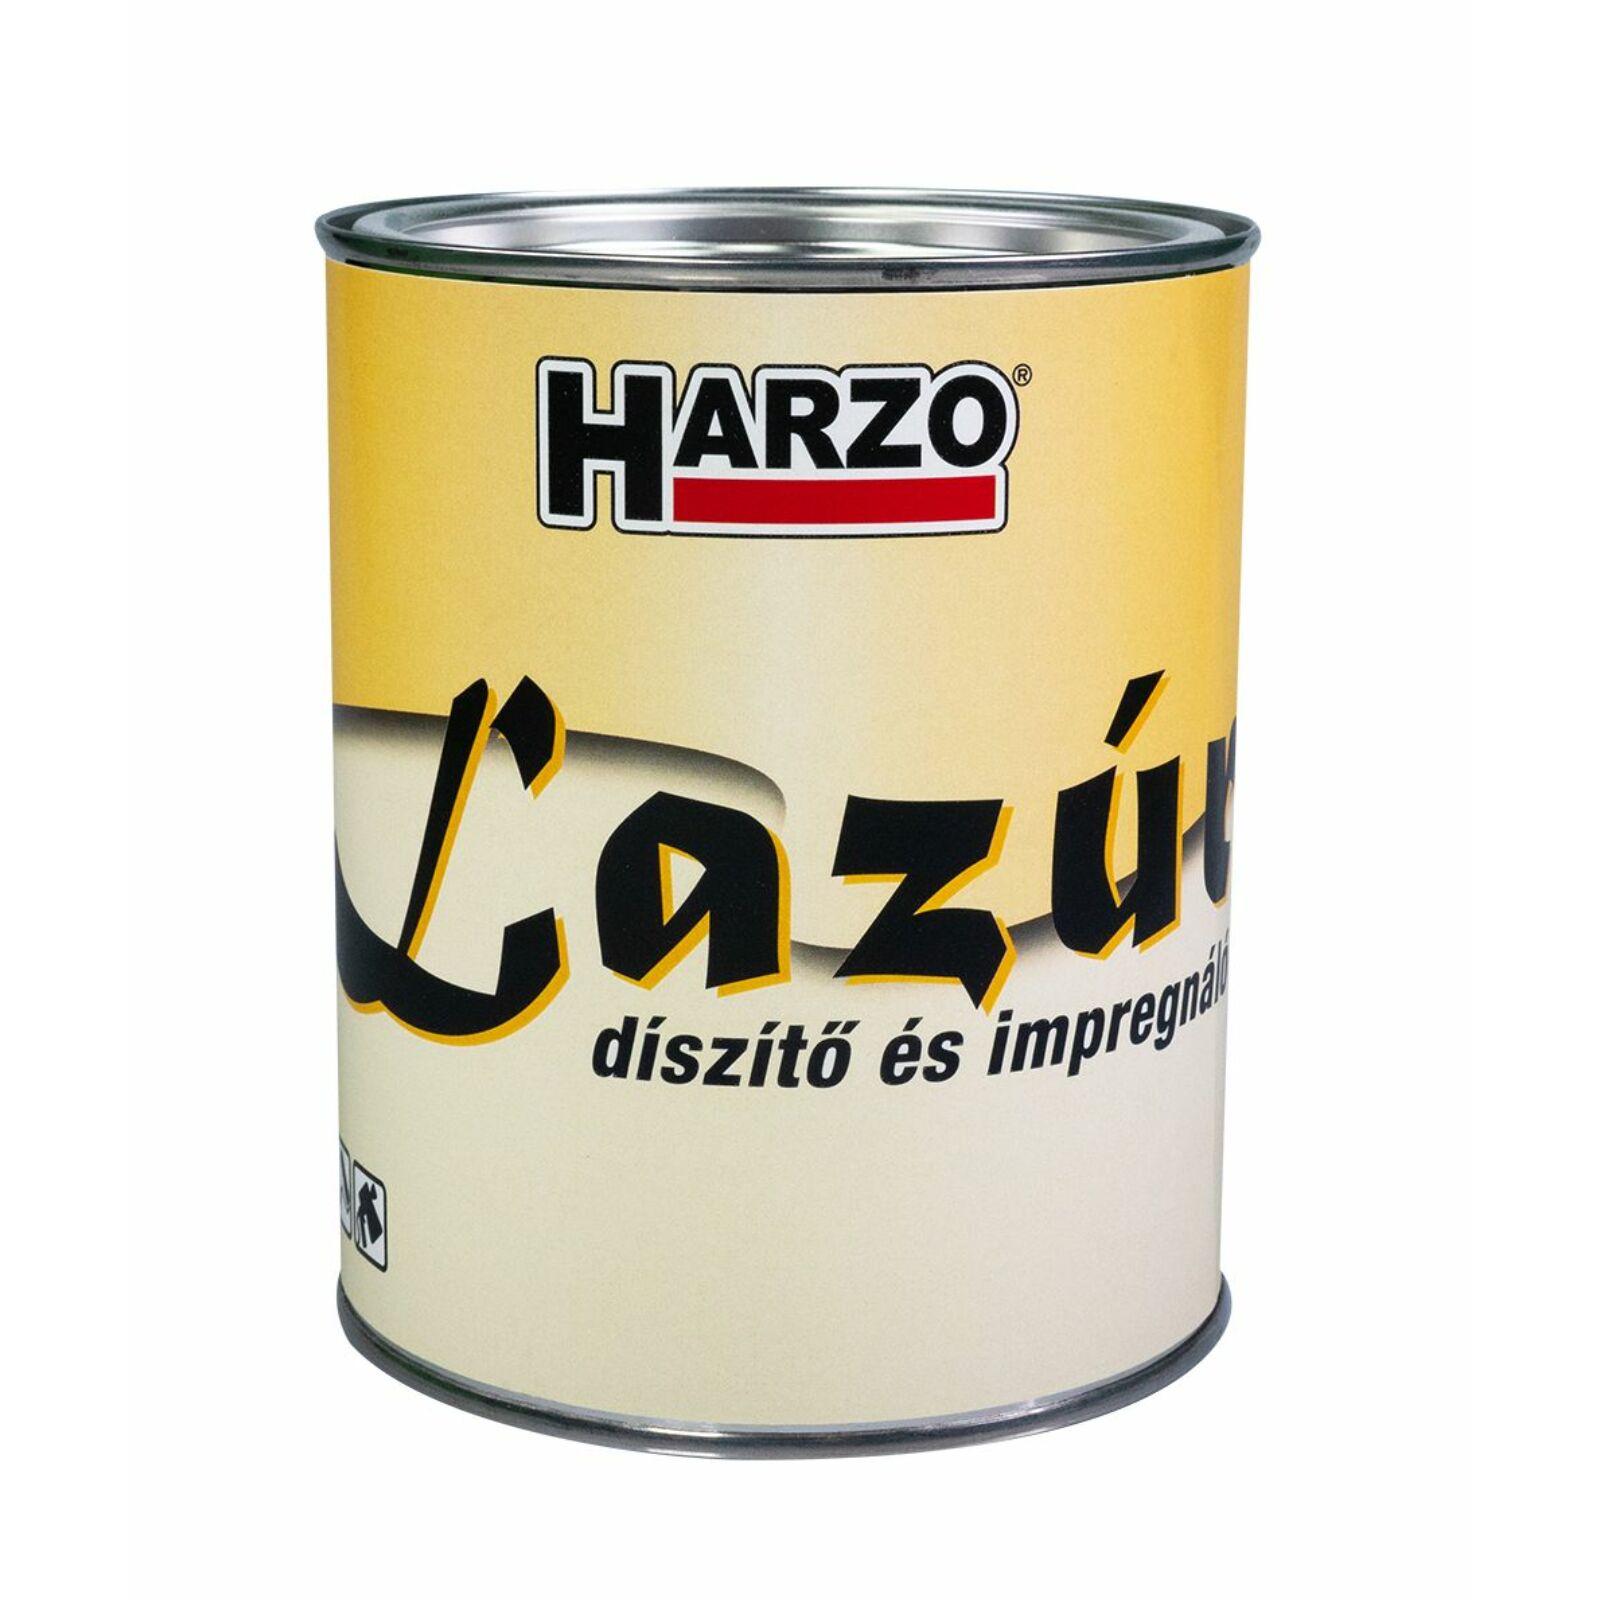 HARZO-Fallazúr imp. és díszítőanyag [1 l]